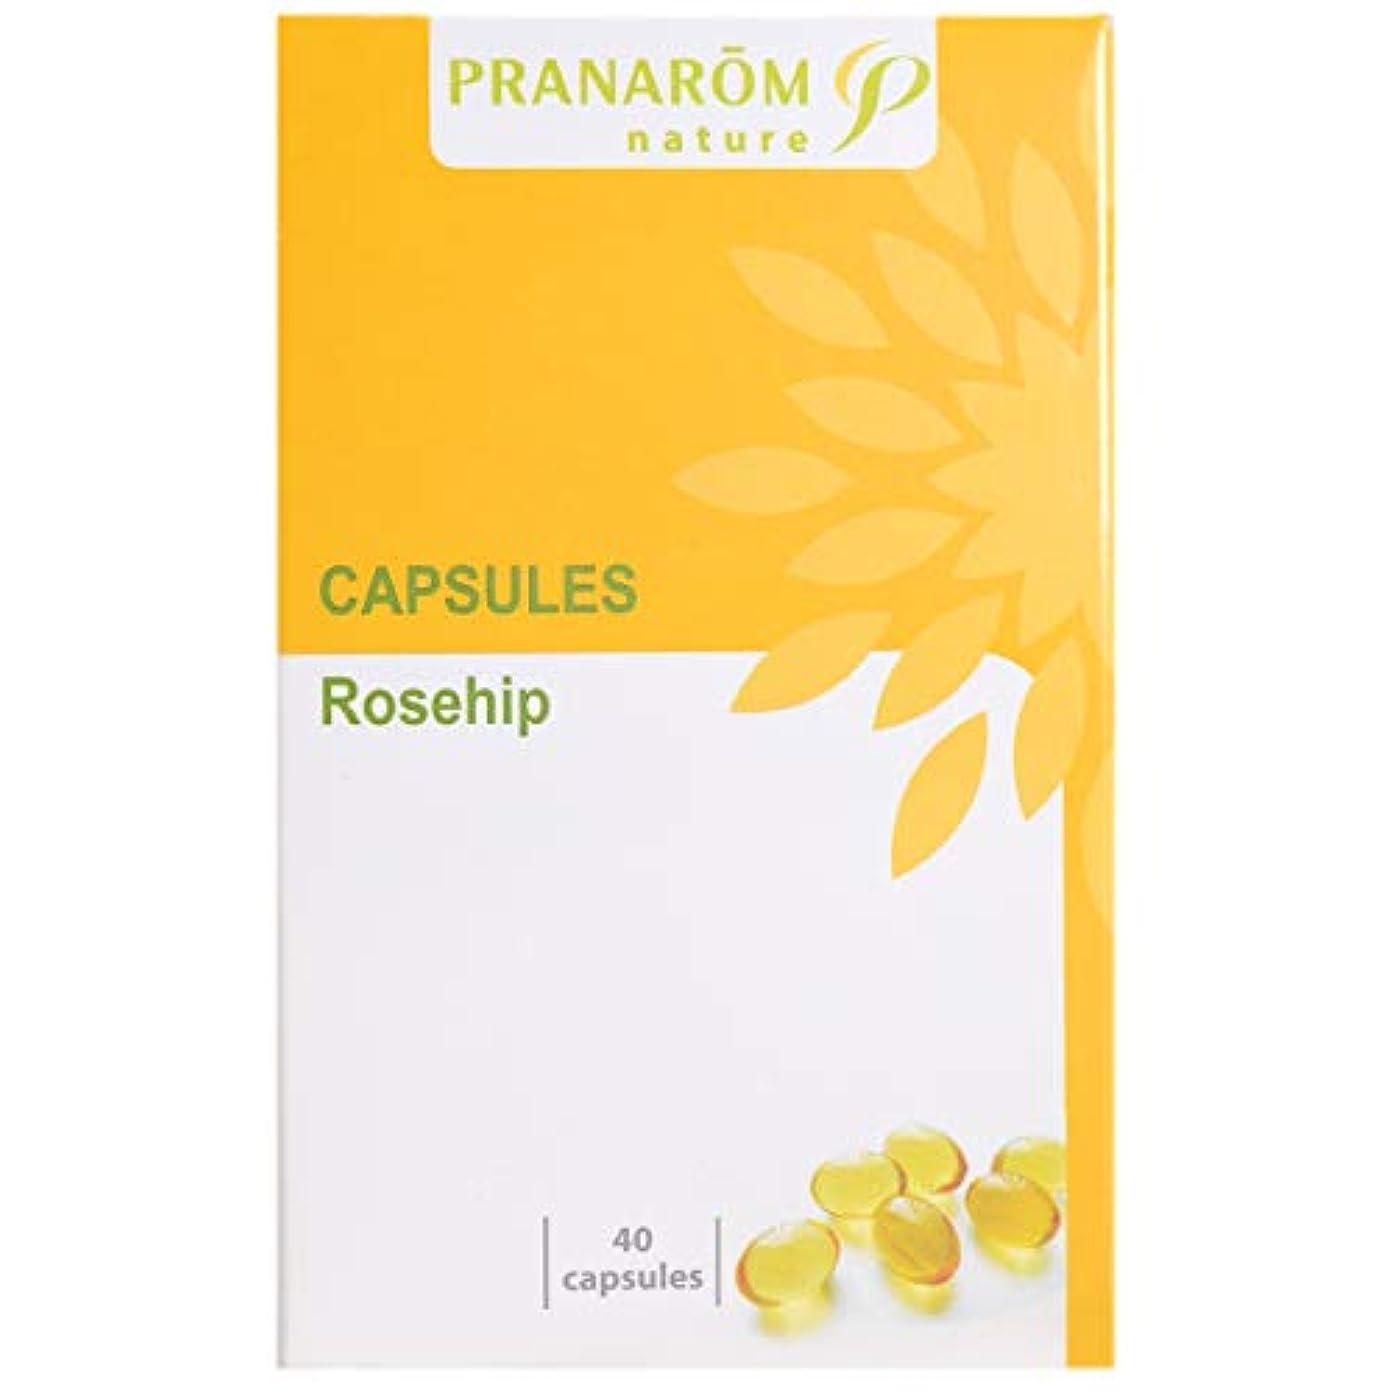 かすかな飲食店より多いプラナロム ローズヒップカプセル 40粒 (PRANAROM サプリメント)